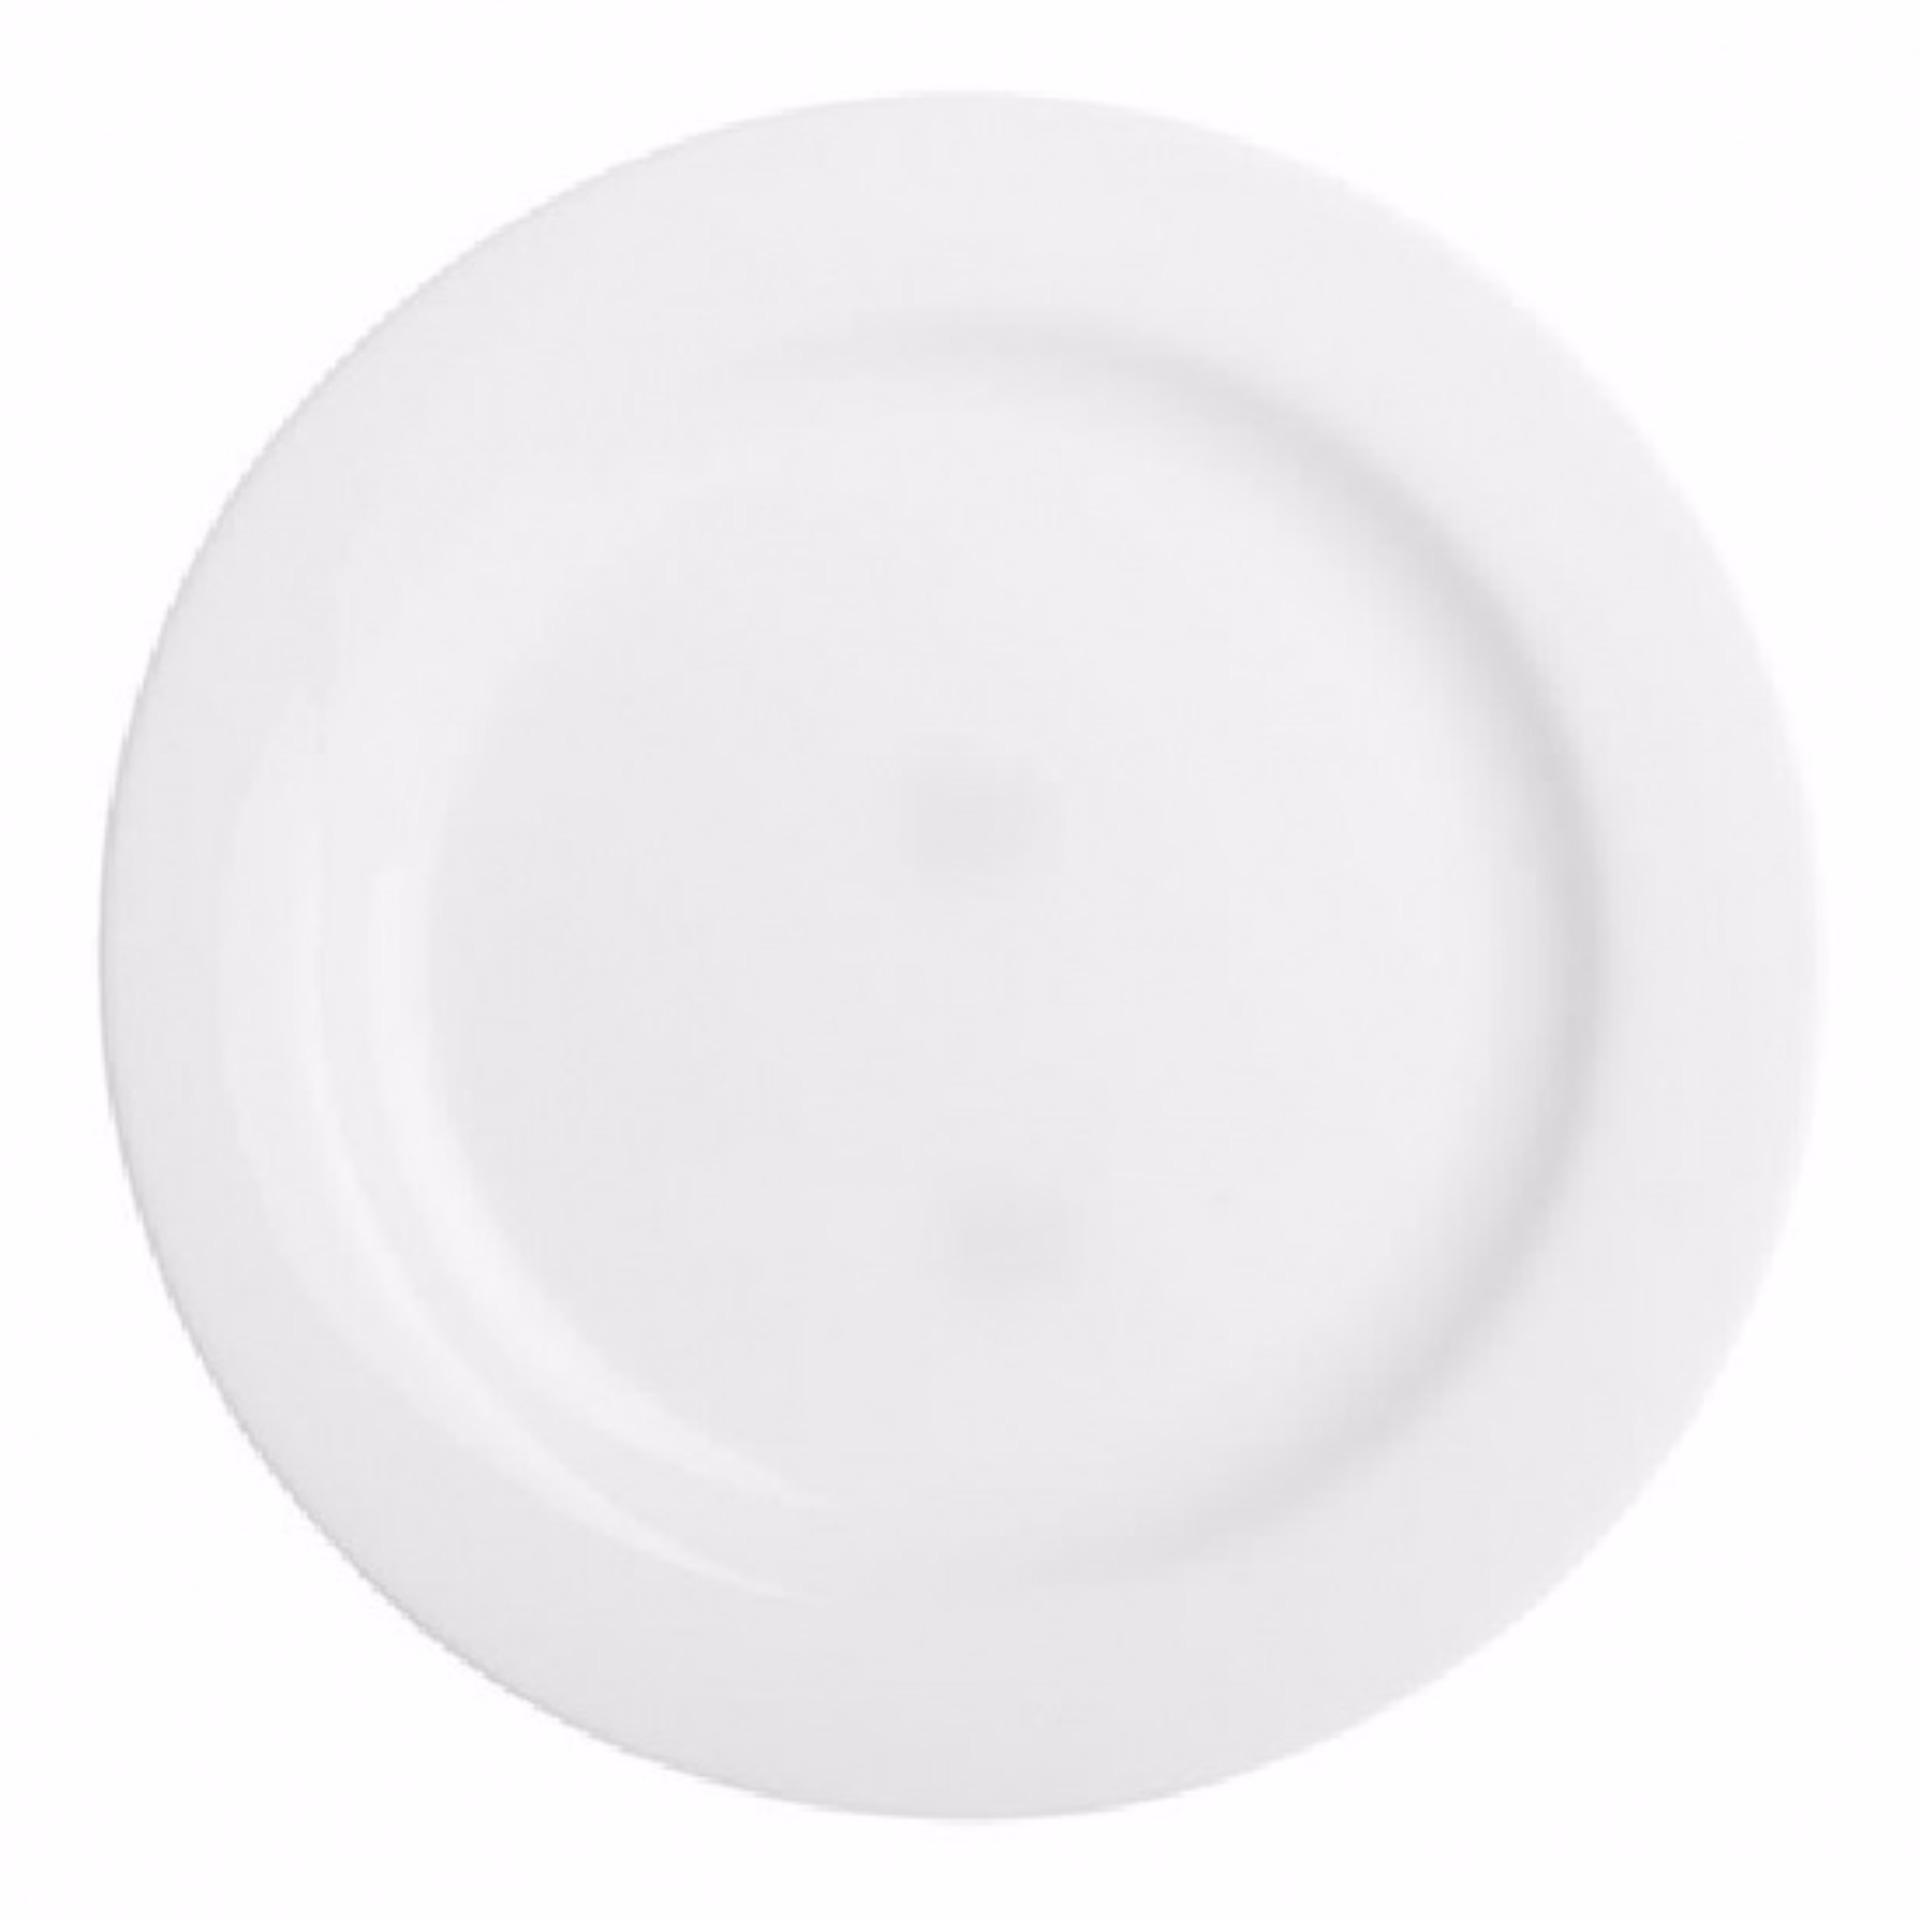 Bộ 3 đĩa thủy tinh Luminarc Evolution 63377 19.5cm